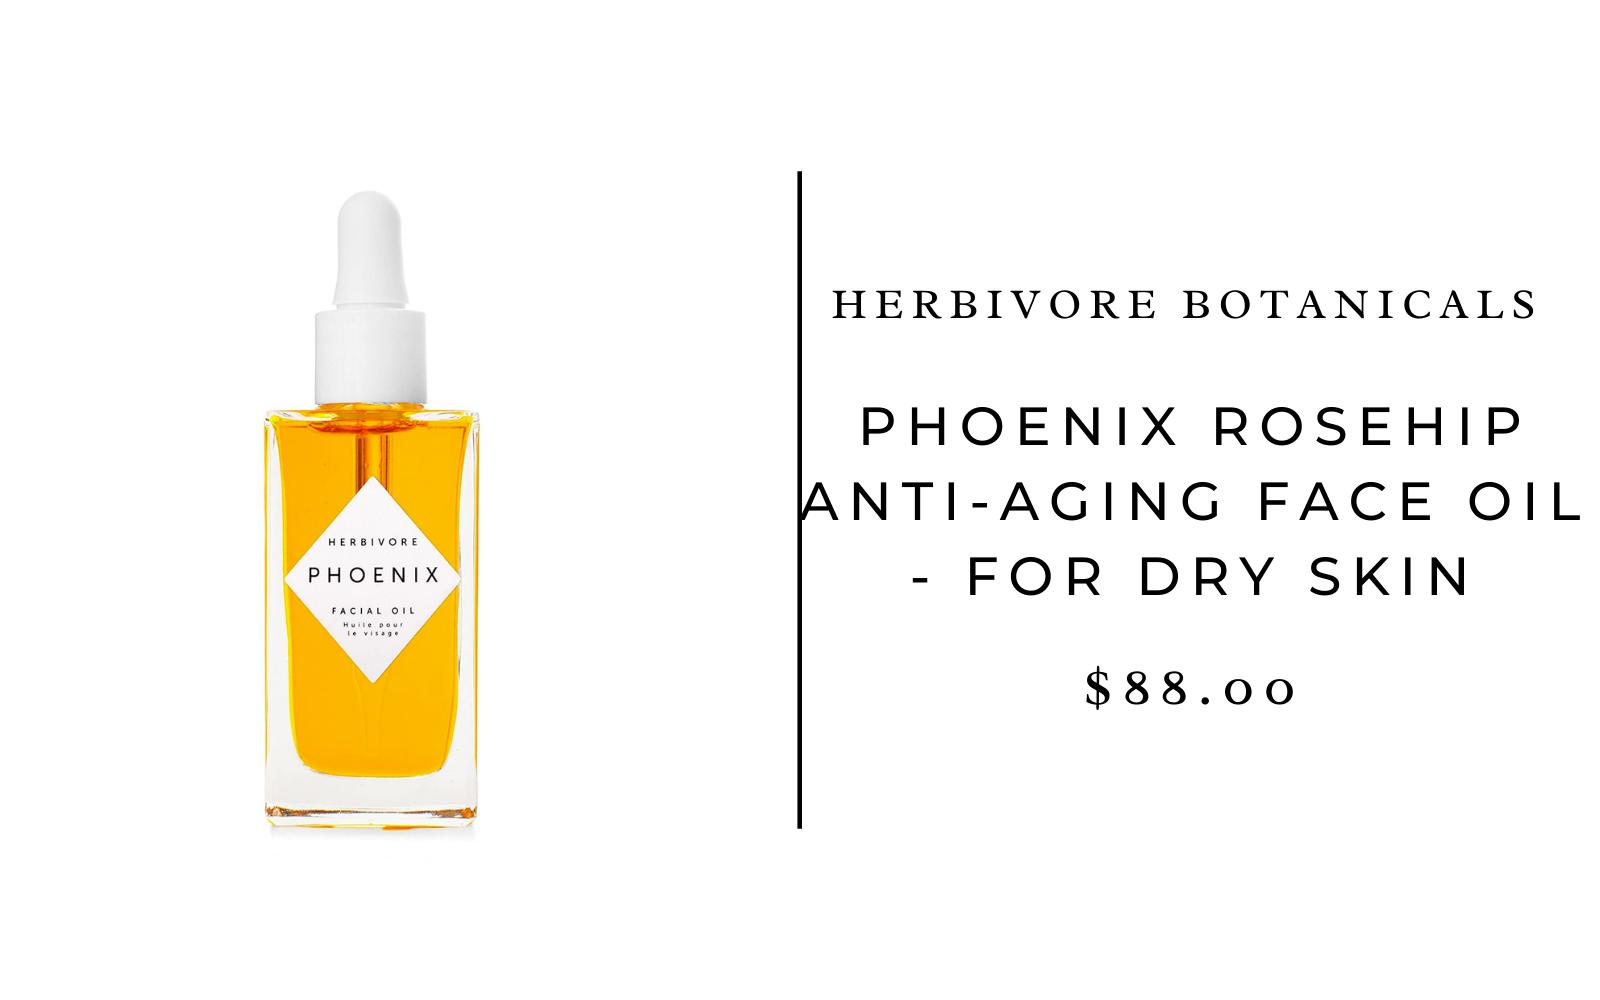 Herbivore Botanicals Phoenix Rosehip Anti-Aging Face Oil